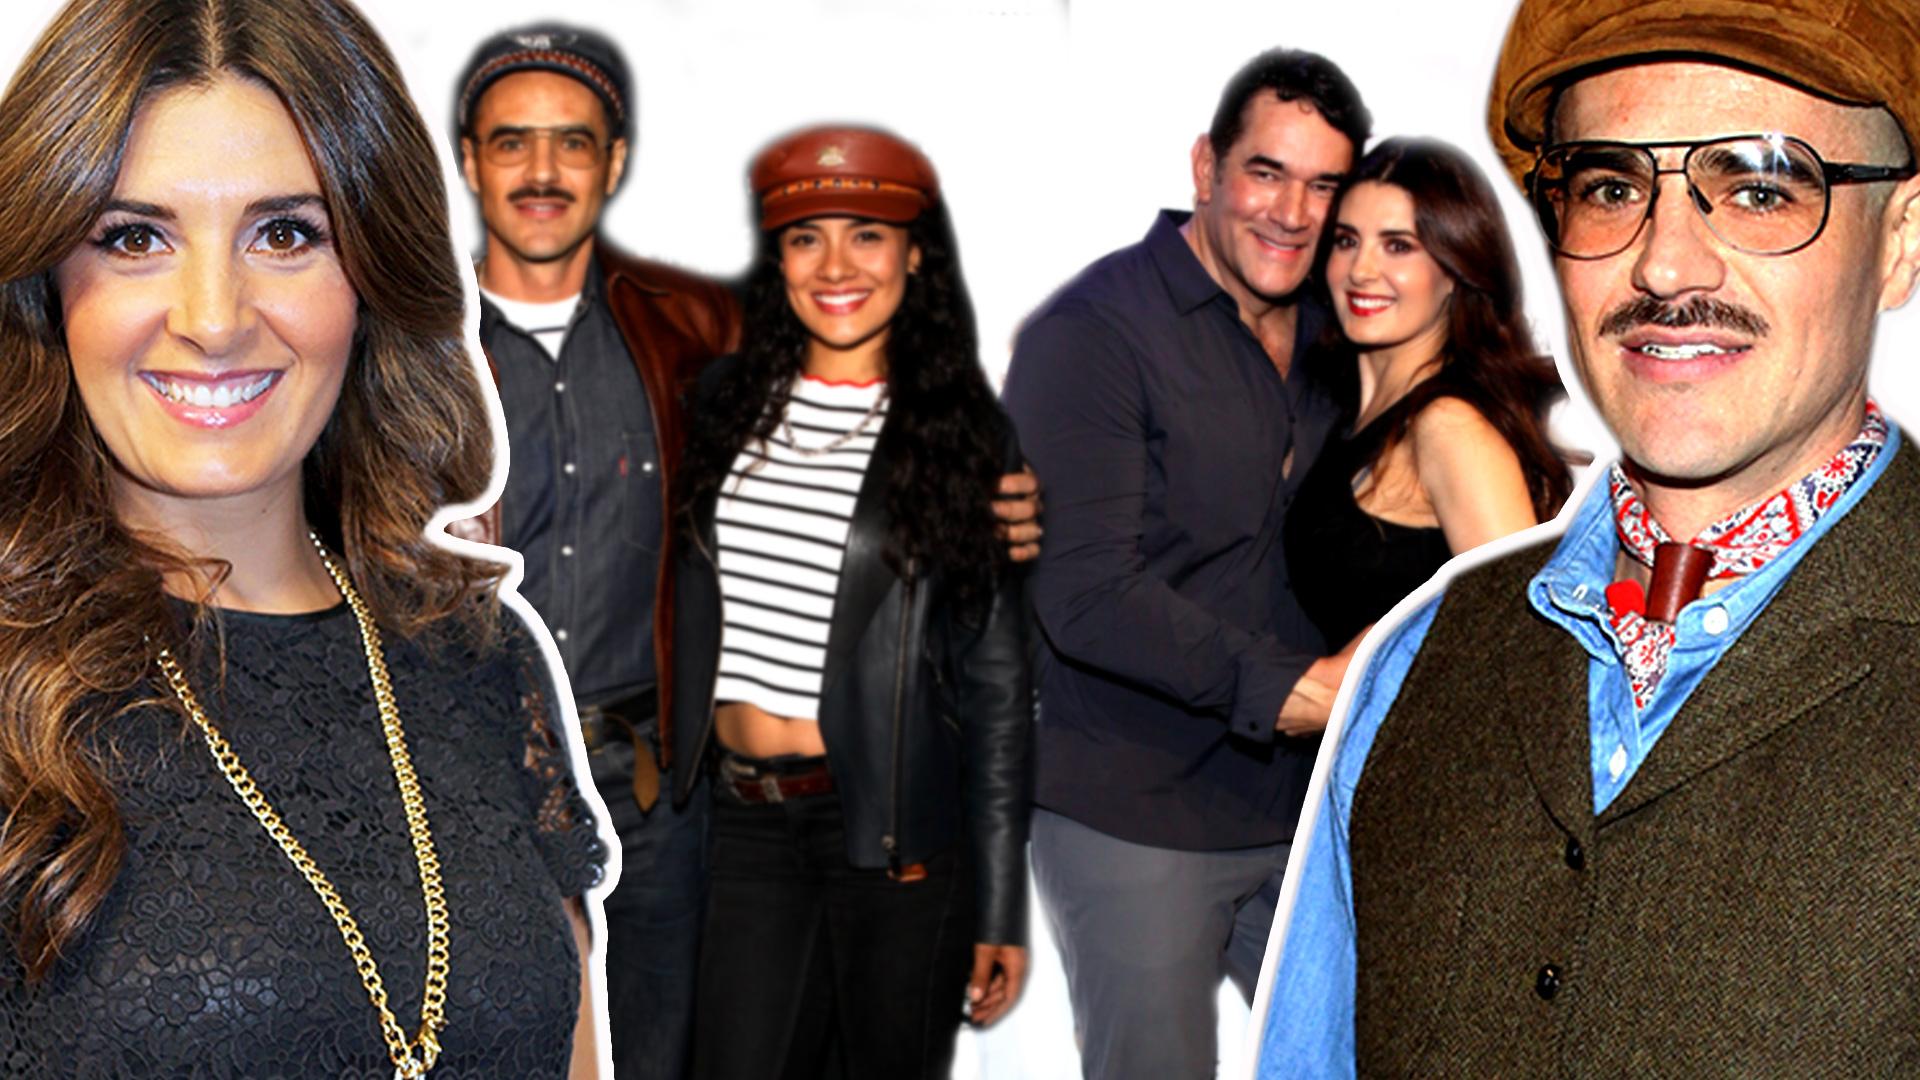 Felices los 4: Jorge Poza se aparece en una alfombra roja con su ex Mayrín Villanueva y la novia (faltó Eduardo)